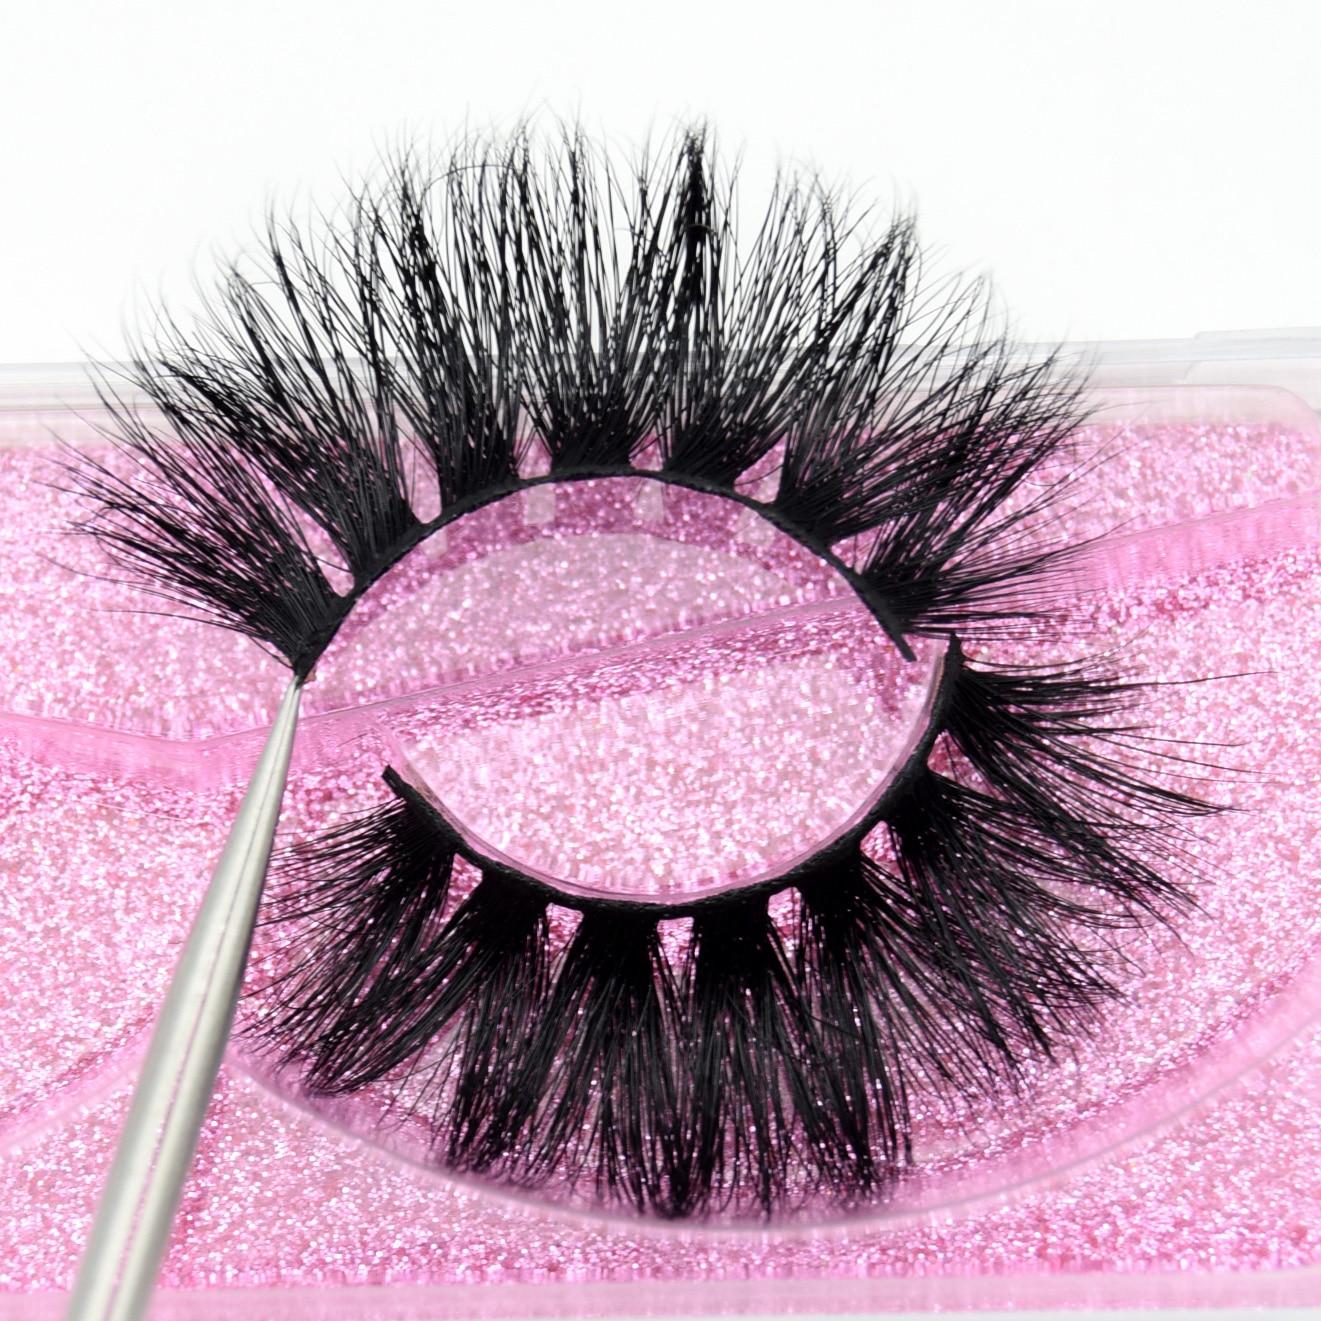 Visofree Luxury 5D Mink Hair False Eyelashes Wispy Cross Fluffy Mink Lashes Makeup Handmade Thick Long Lashes Mink Eyelashes K09